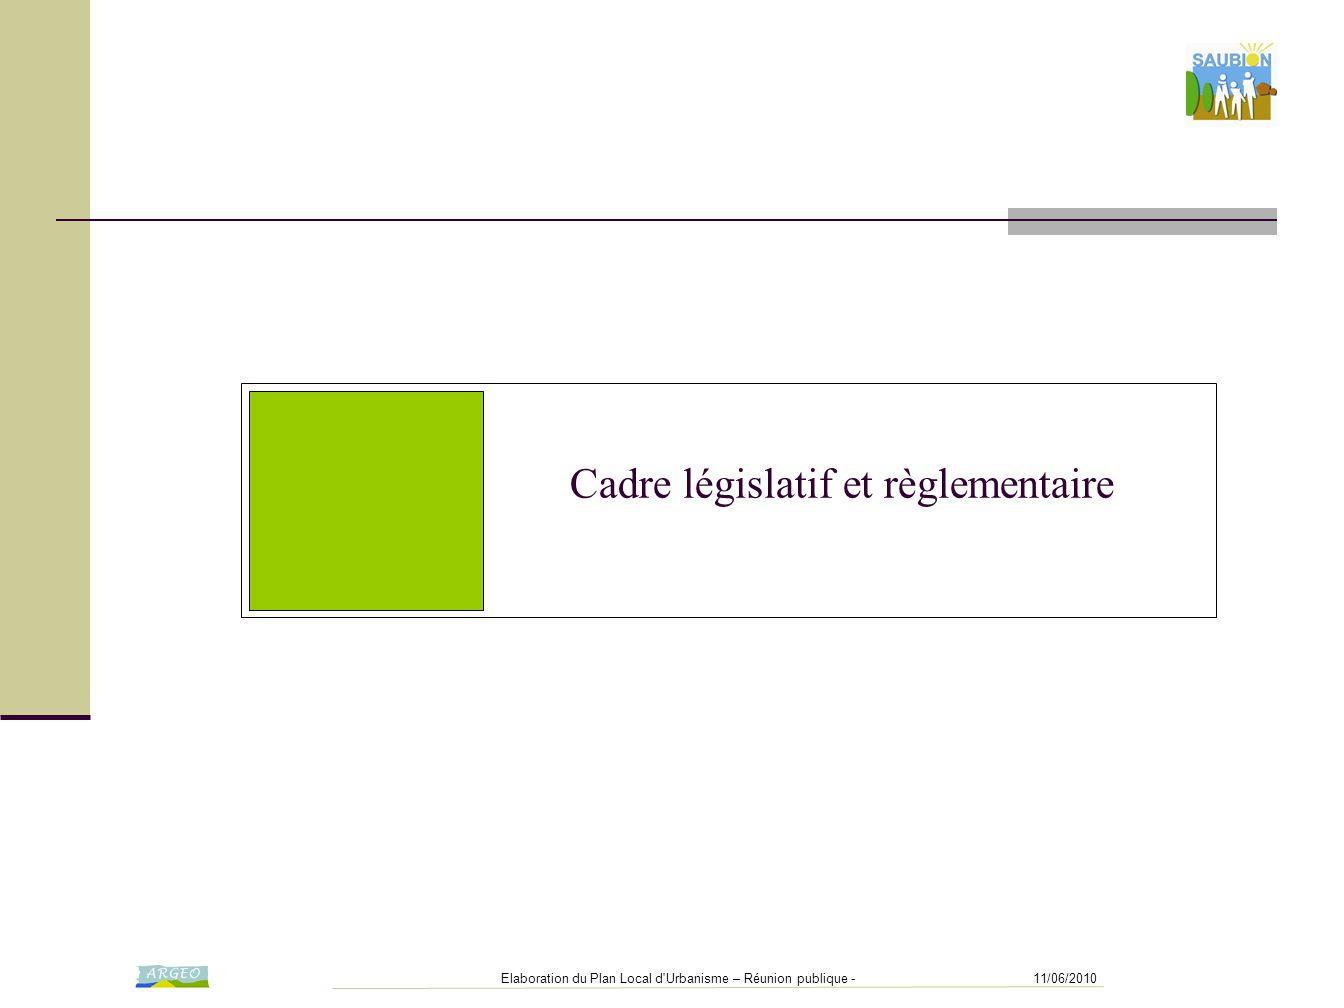 11/06/2010Elaboration du Plan Local d Urbanisme – Réunion publique - I- MAINTENIR UNE STRUCTURE ÉQUILIBRÉE DE L'URBANISATION DE LA COMMUNE II- UNE DIVERSITÉ RENFORCEE DES FONCTIONS URBAINES ET DE LA MIXITE SOCIALE III- LA PRESERVATION DE L'ENVIRONNEMENT ET DES SITES IV- UNE PROMOTION DU TERRITOIRE PAR UN DEVELOPPEMENT RAISONNE D ACTIVITÉS LIÉES AU TOURISME.